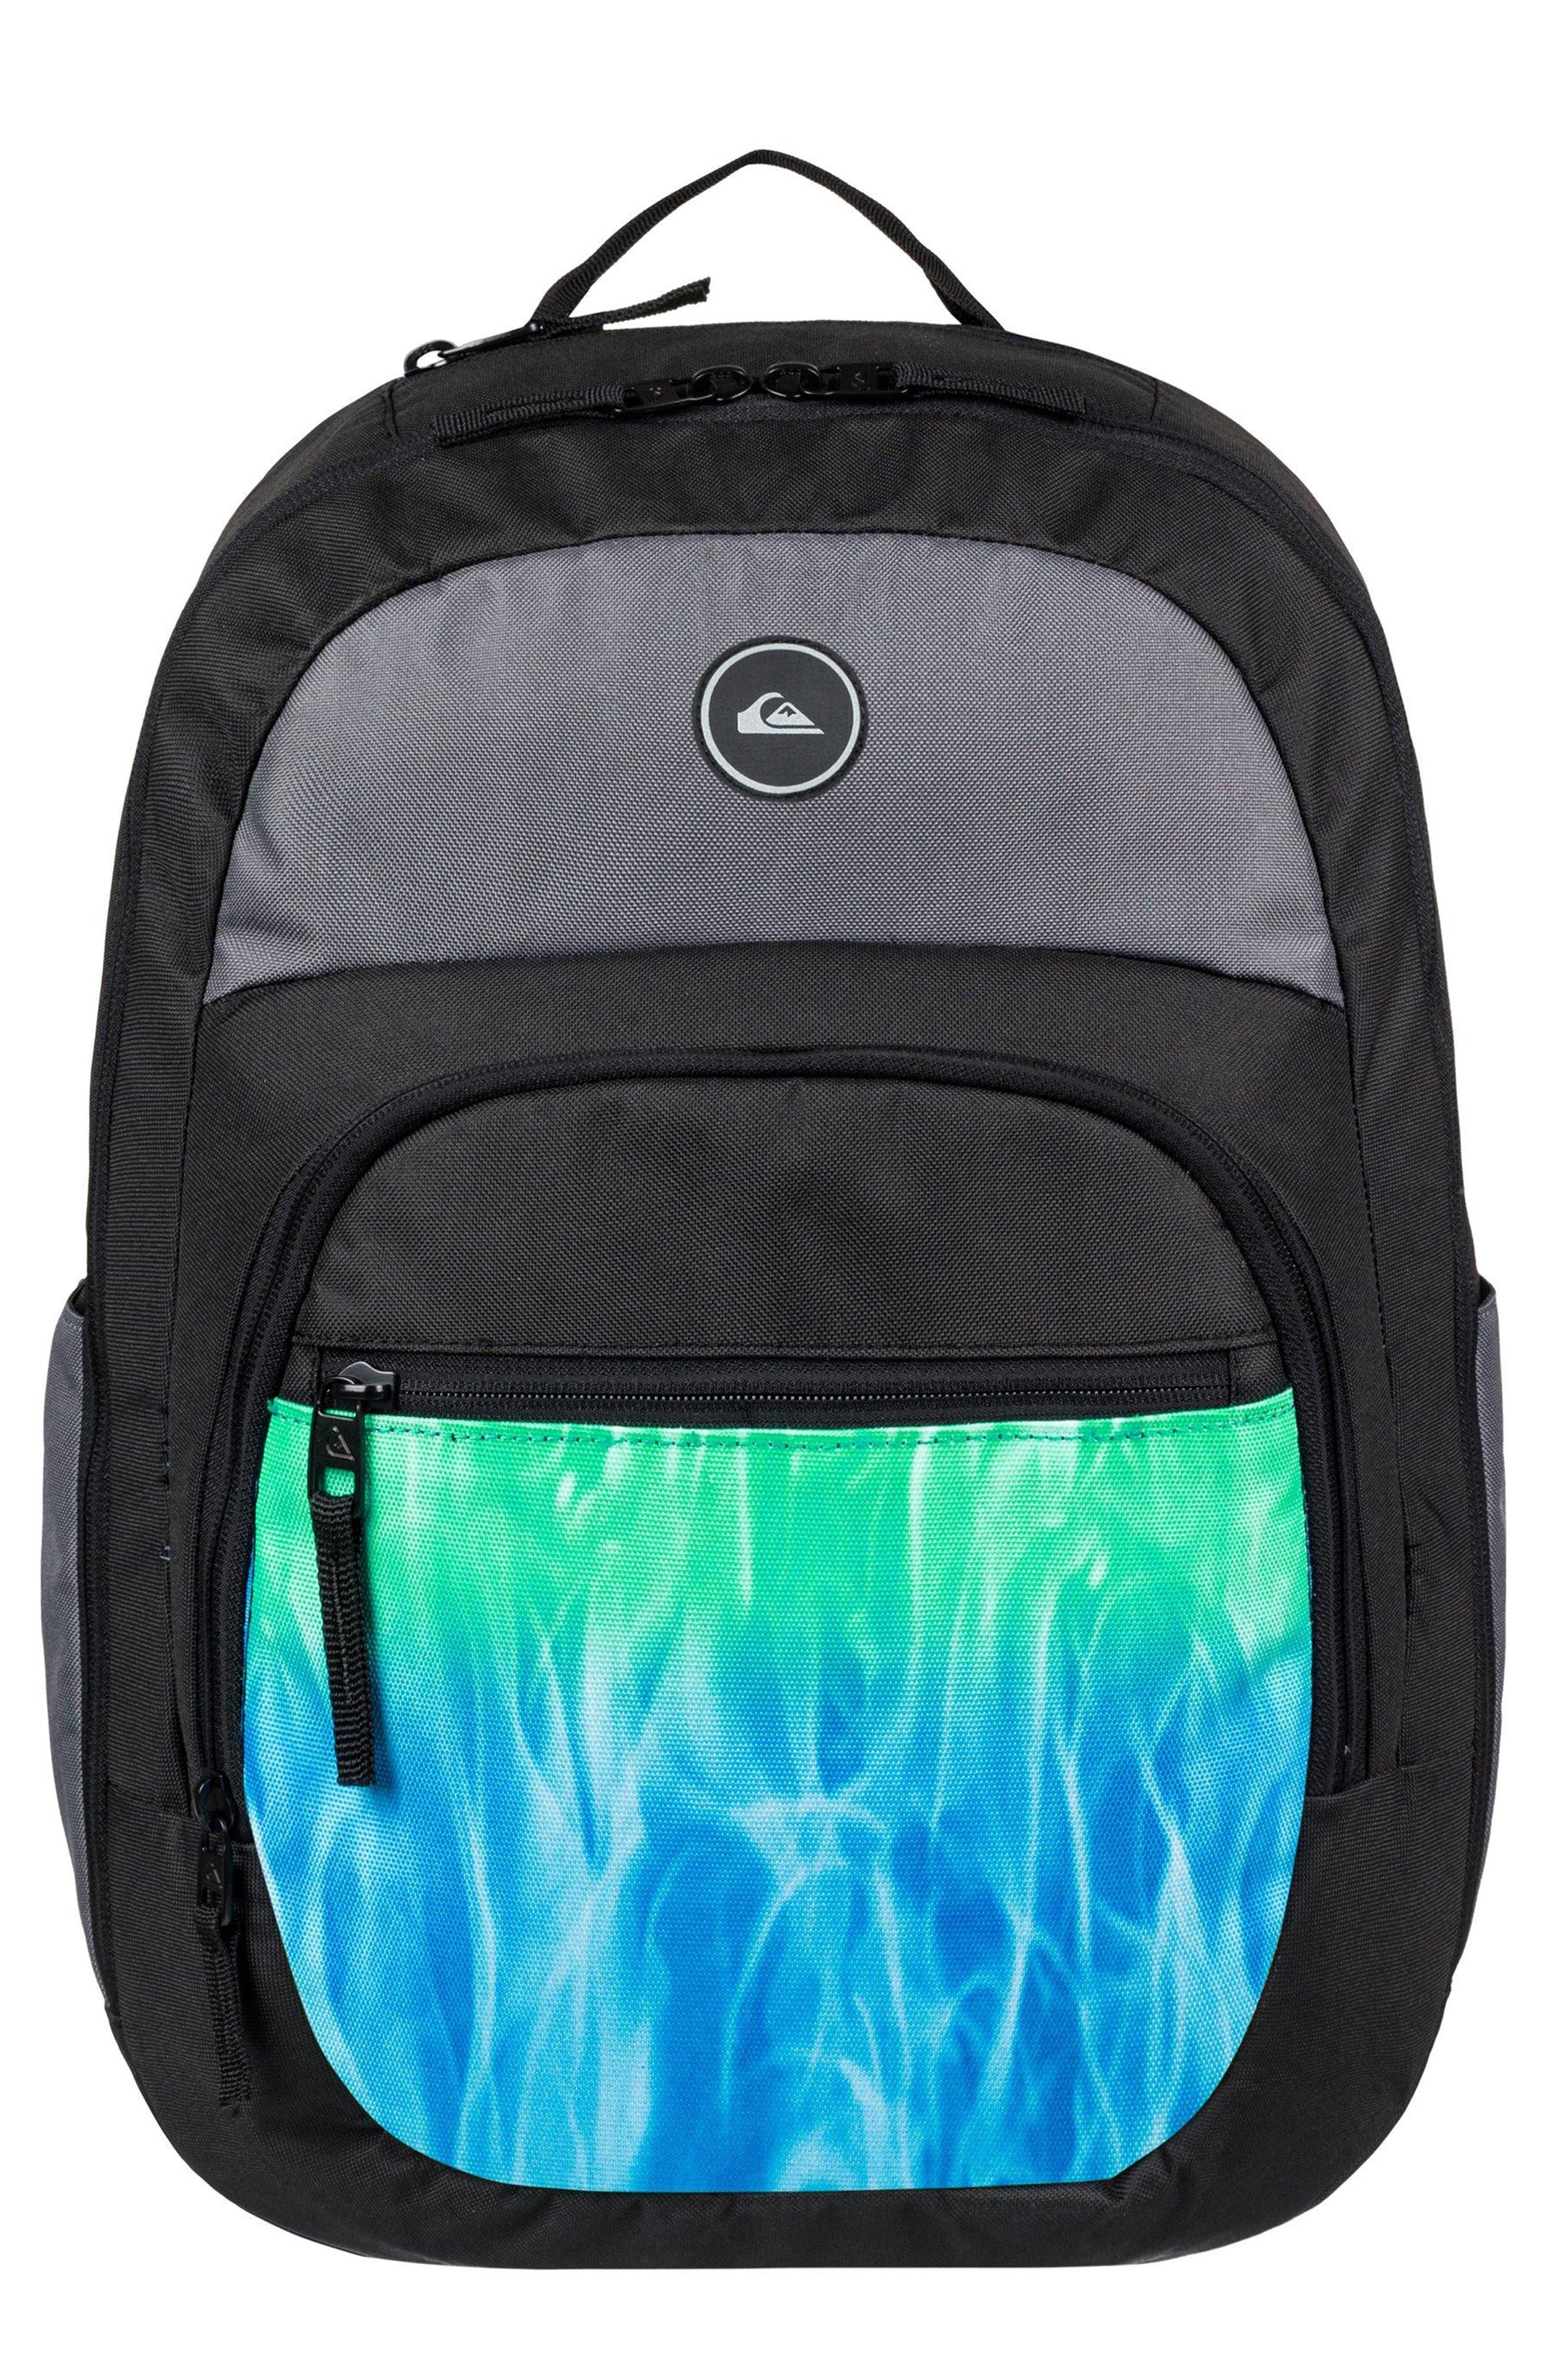 Quiksilver Schoolie Cooler Ii Backpack - Grey